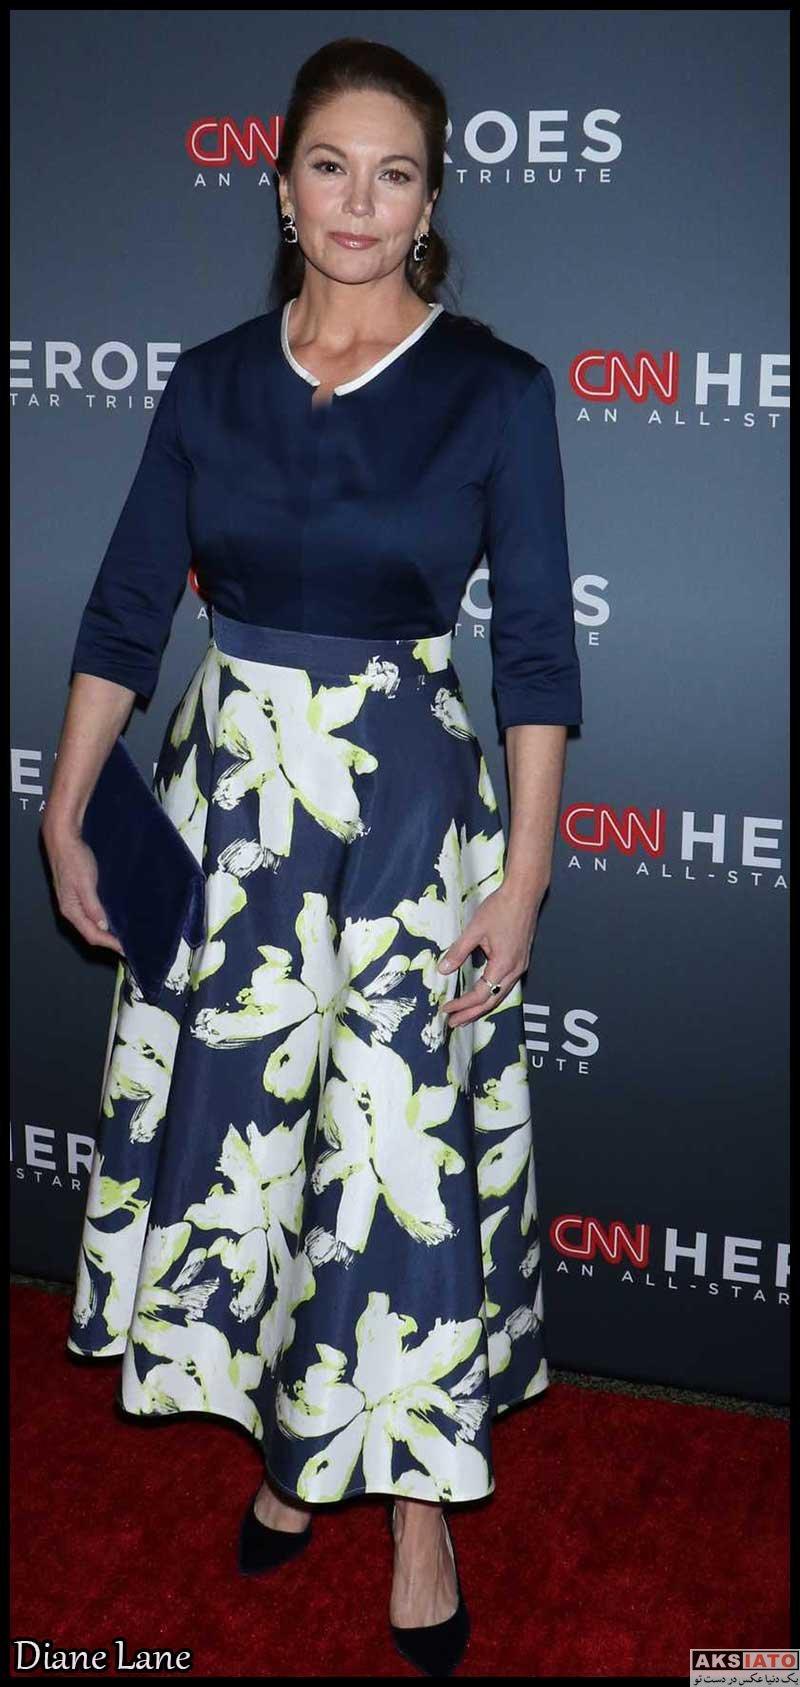 بازیگران بازیگران زن خارجی  دایان لین Diane Lane (عکس و والپیپر)